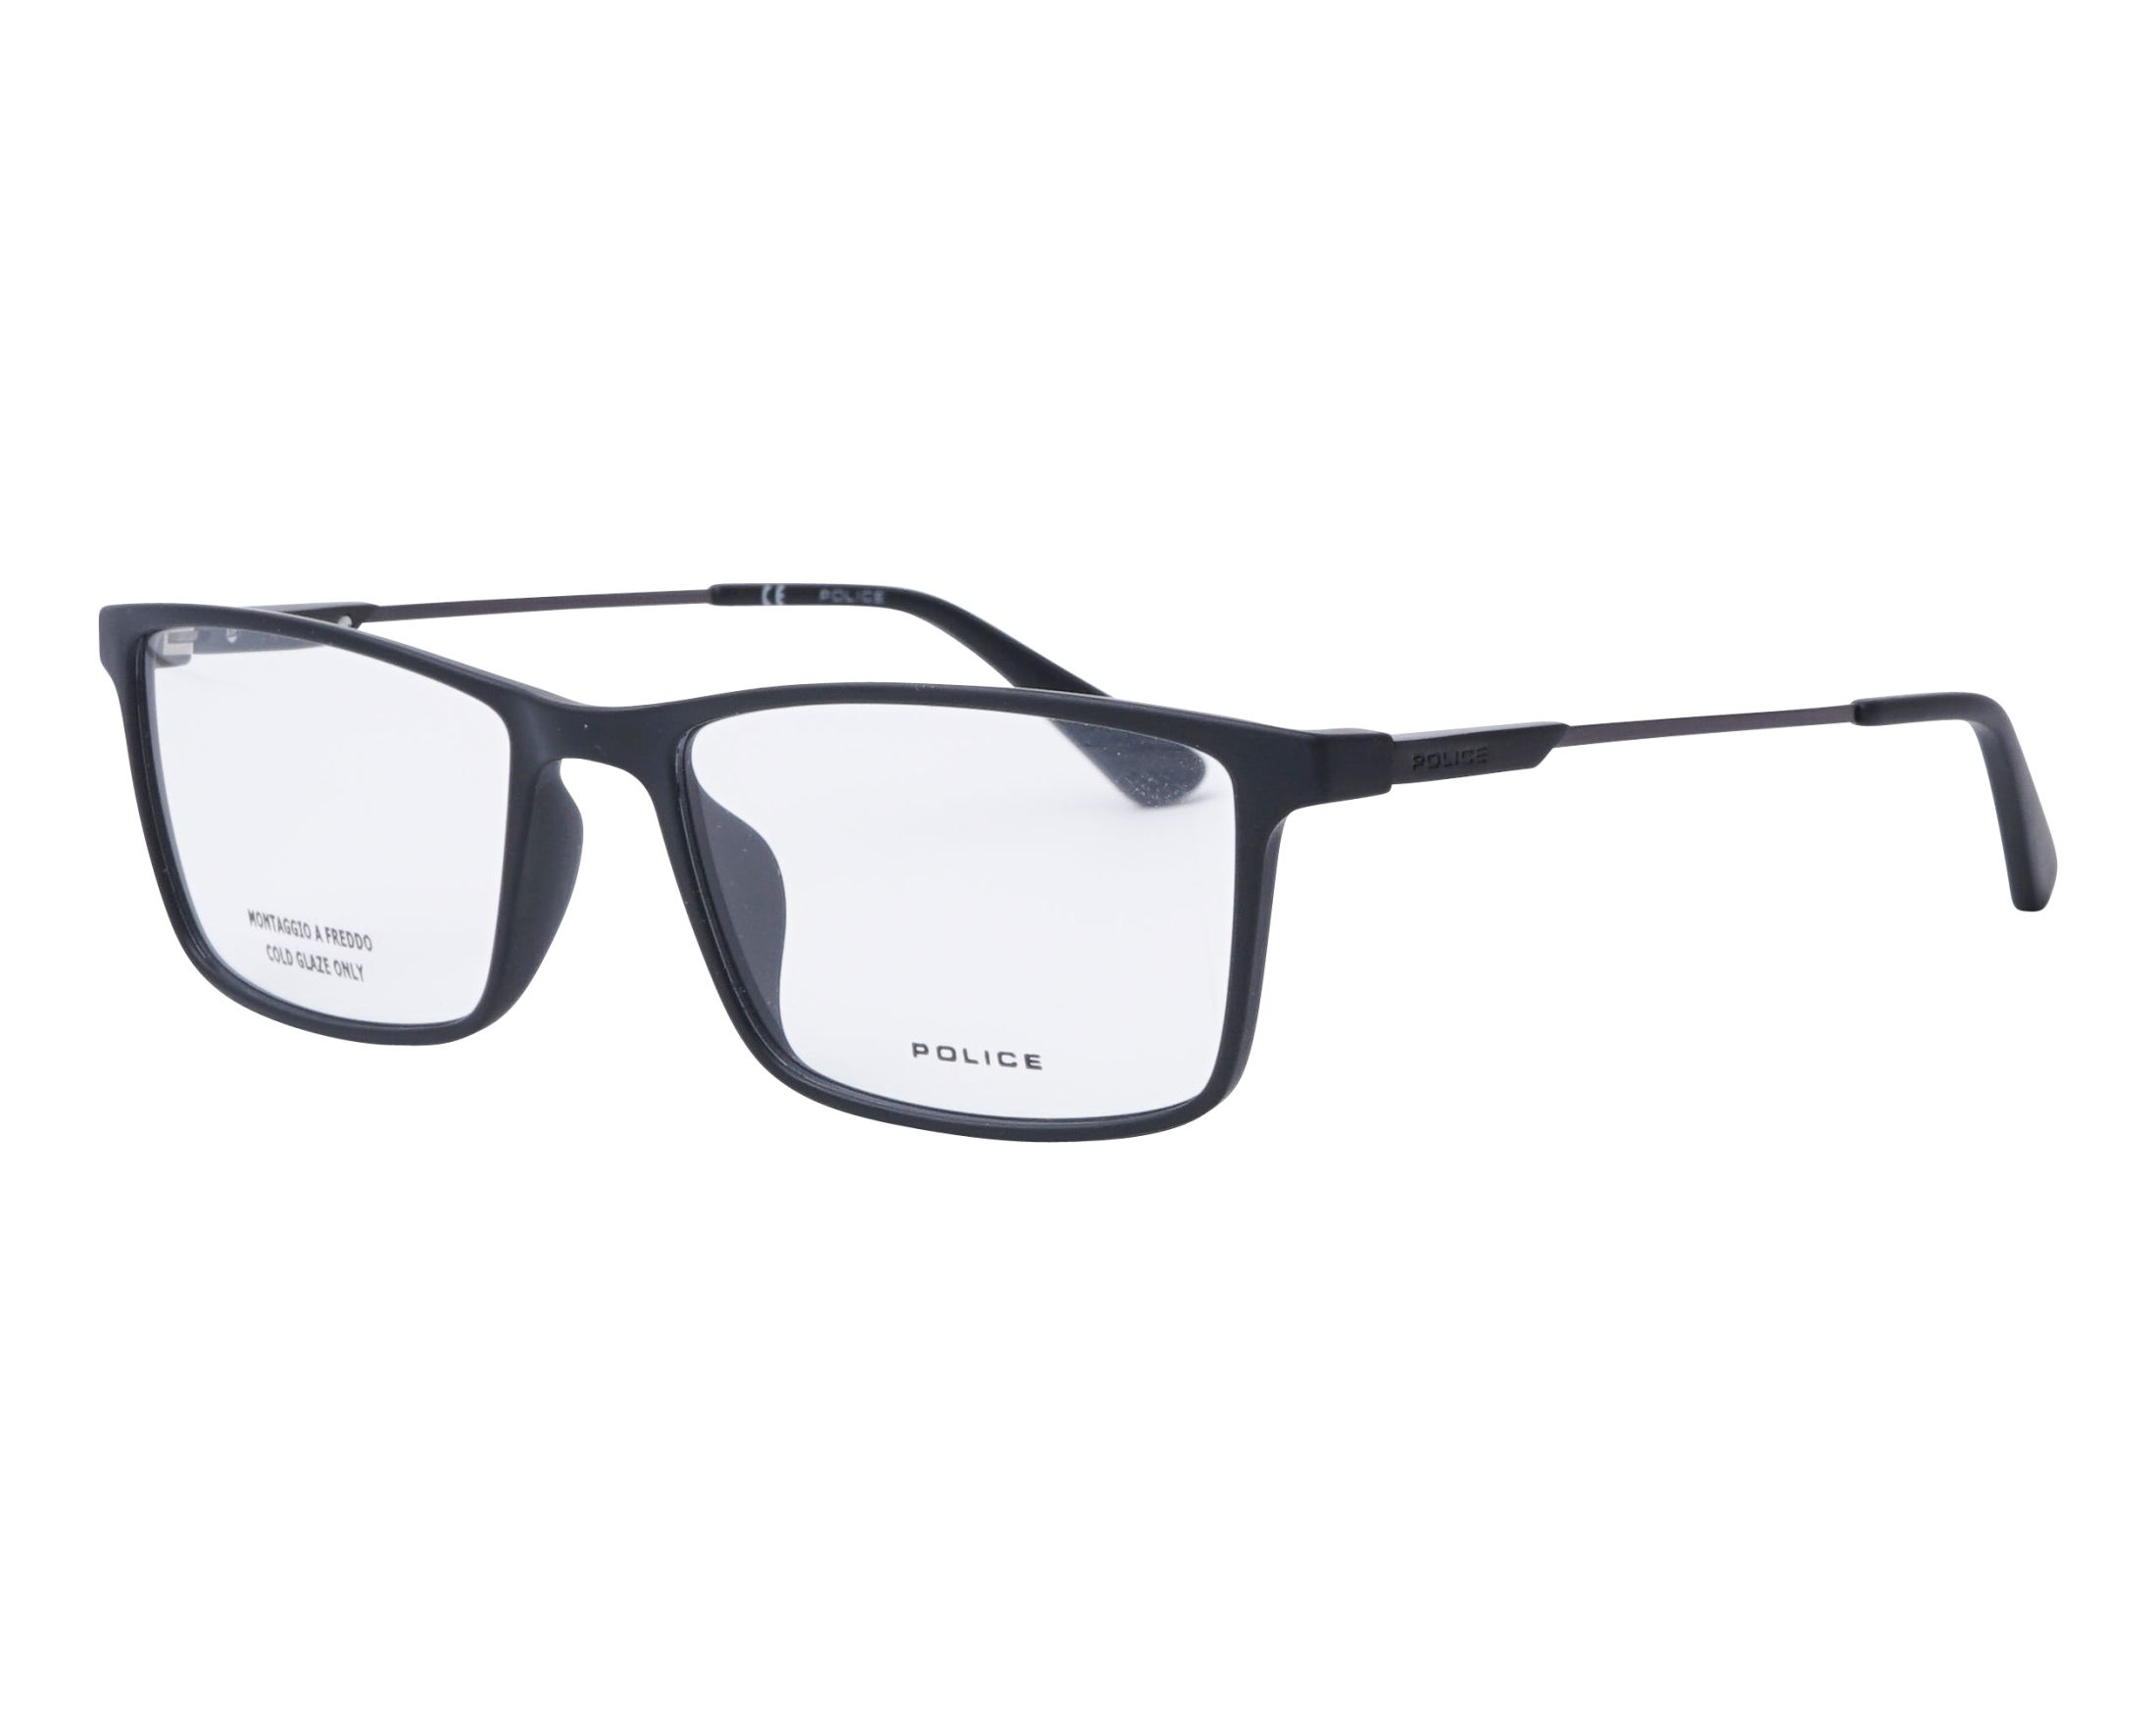 5db7b5864ed eyeglasses Police VPL-696 0U28 53-17 Black Gun profile view